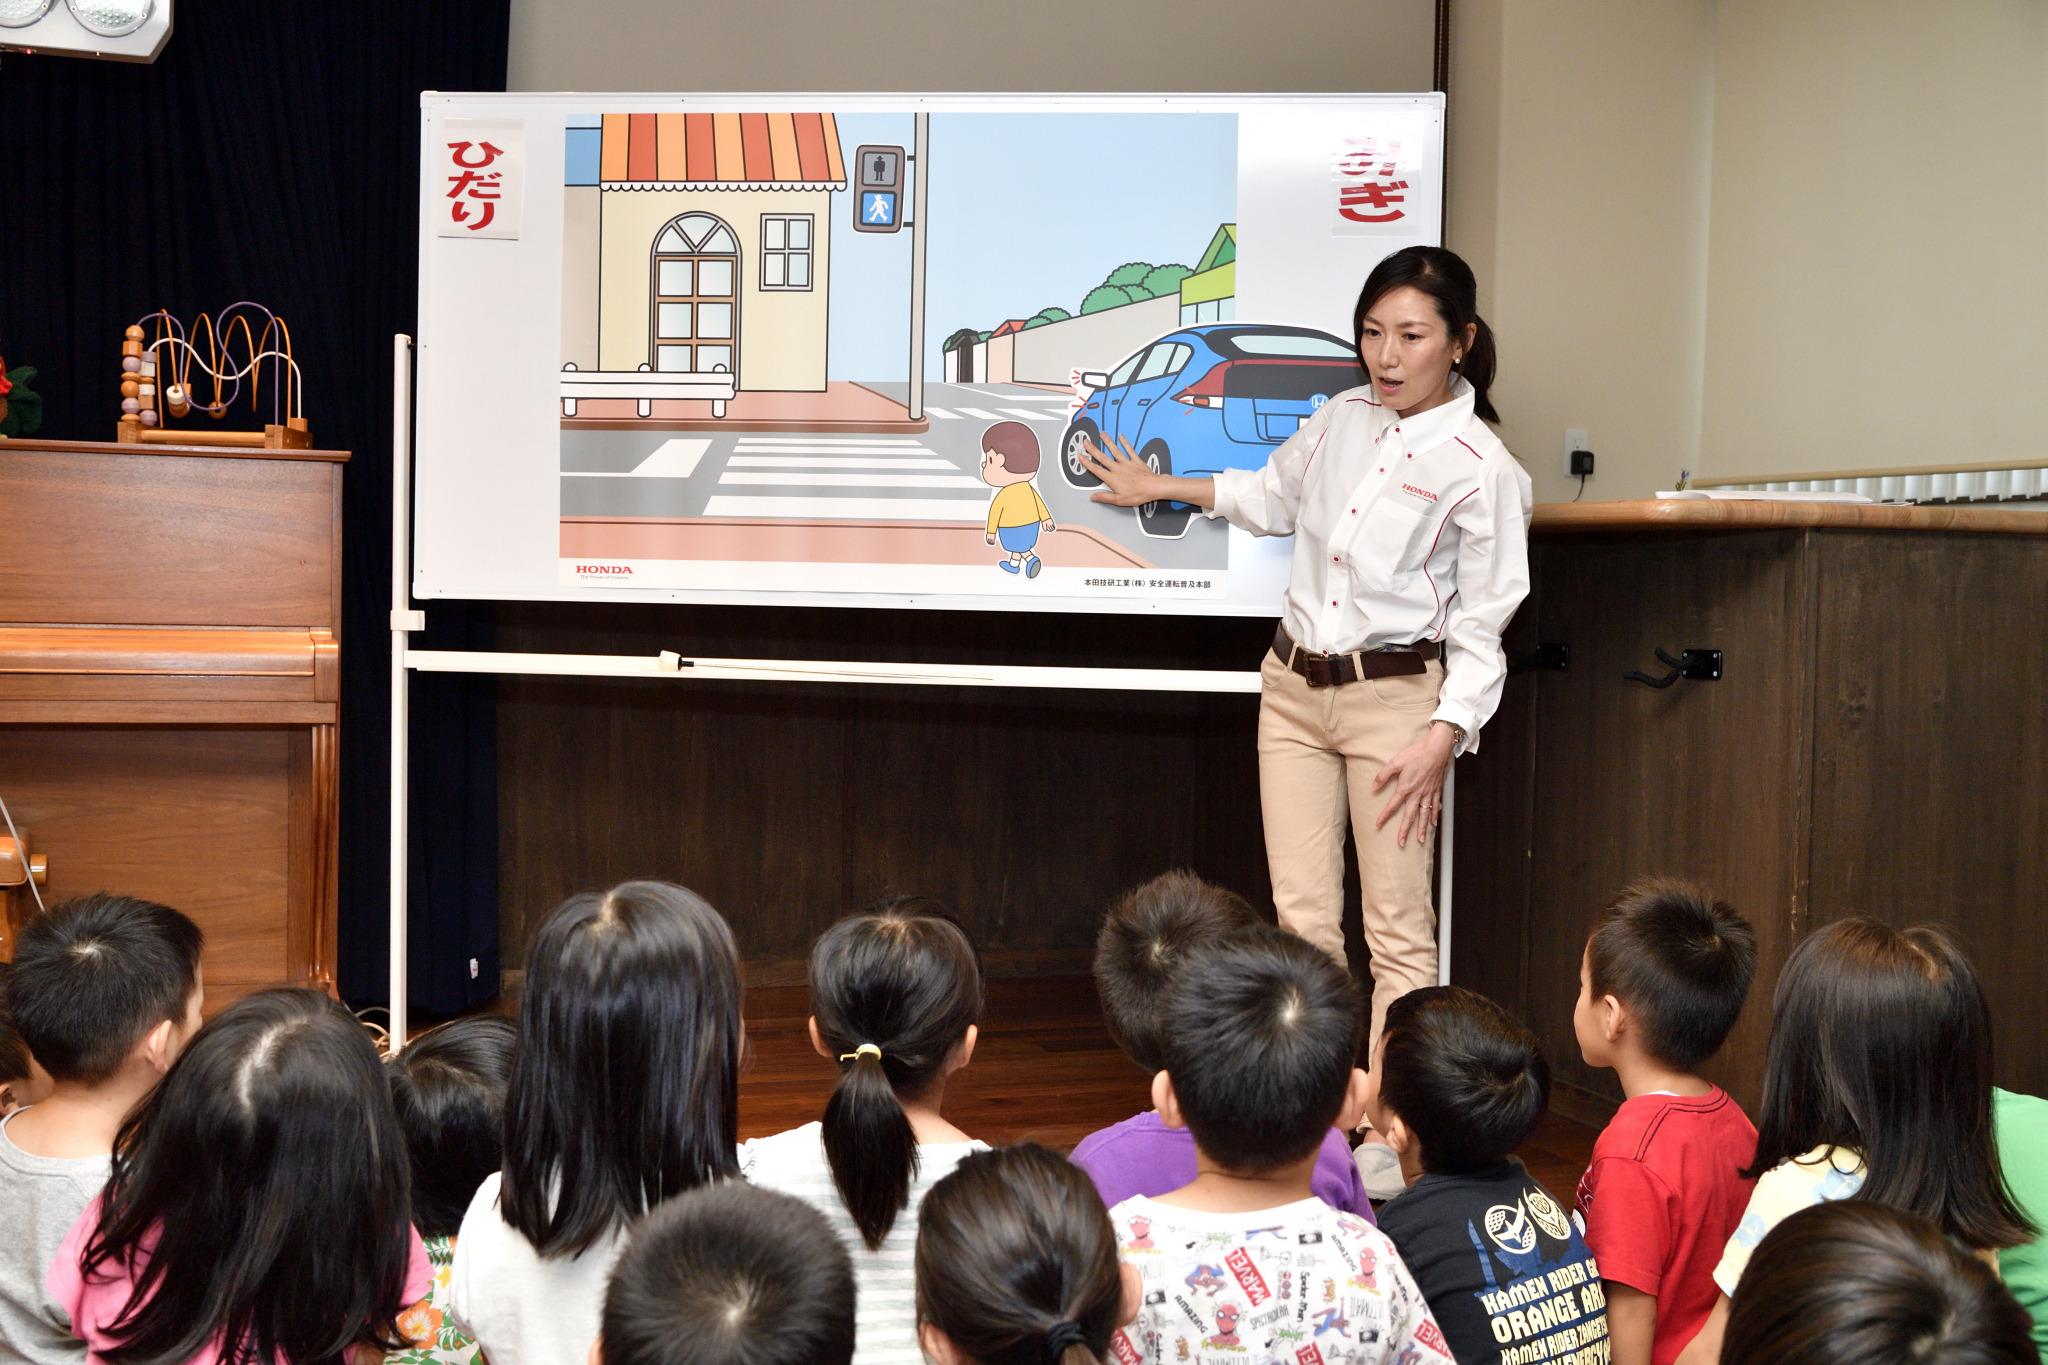 ドキッと する デザイン の おまわりさん トート が 子ども たち を 守る ホンダ 交通 安全 トート バッグ 贈呈 式 を 開催